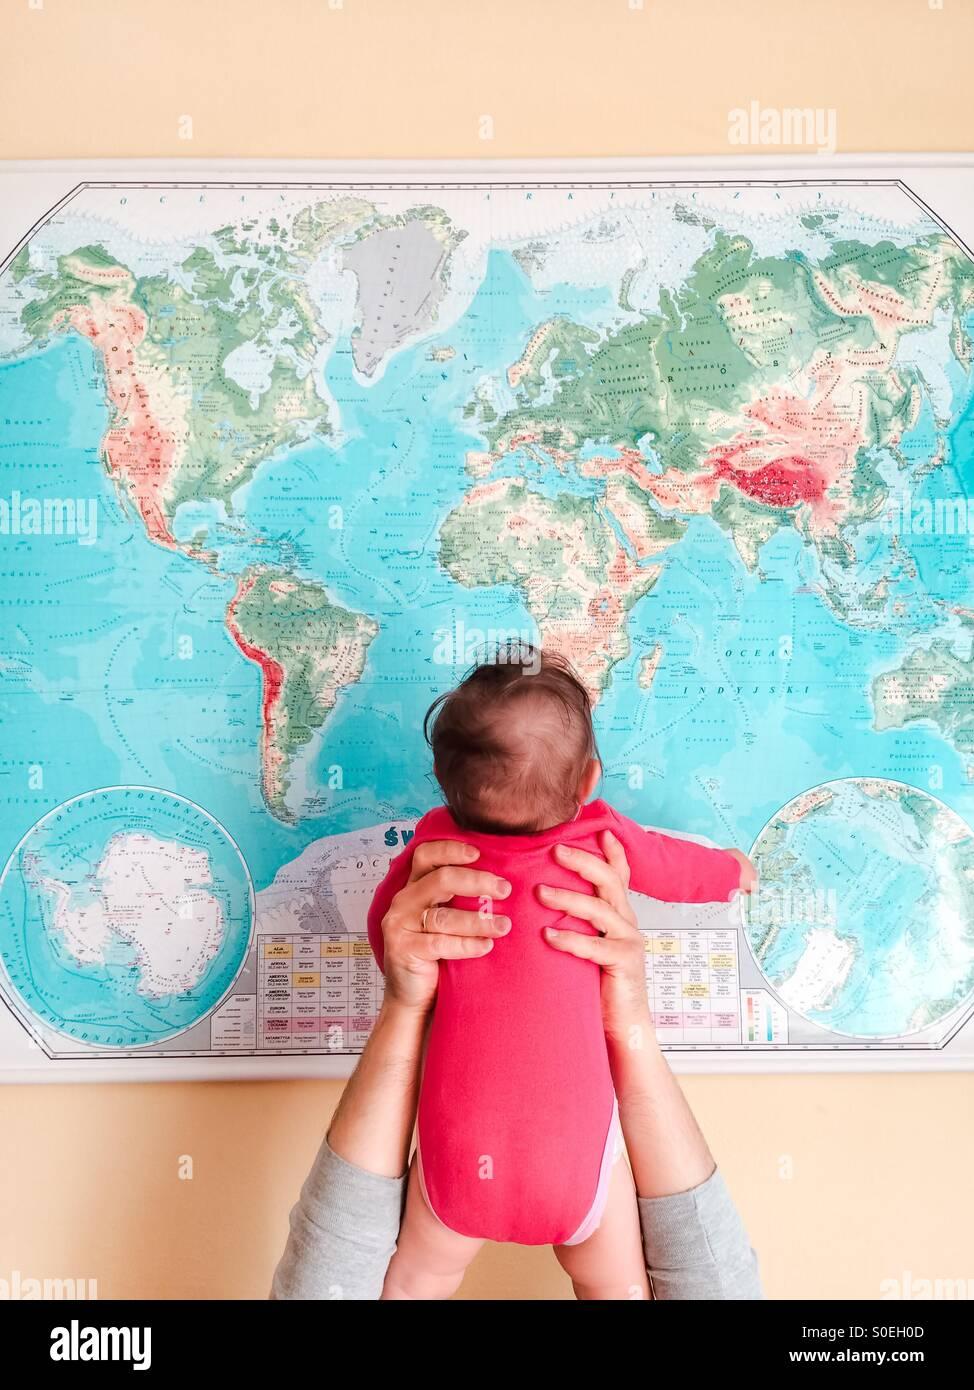 ¡Hola, mundo! Padre sosteniendo a su bebé chica enfrente mapa del mundo Imagen De Stock